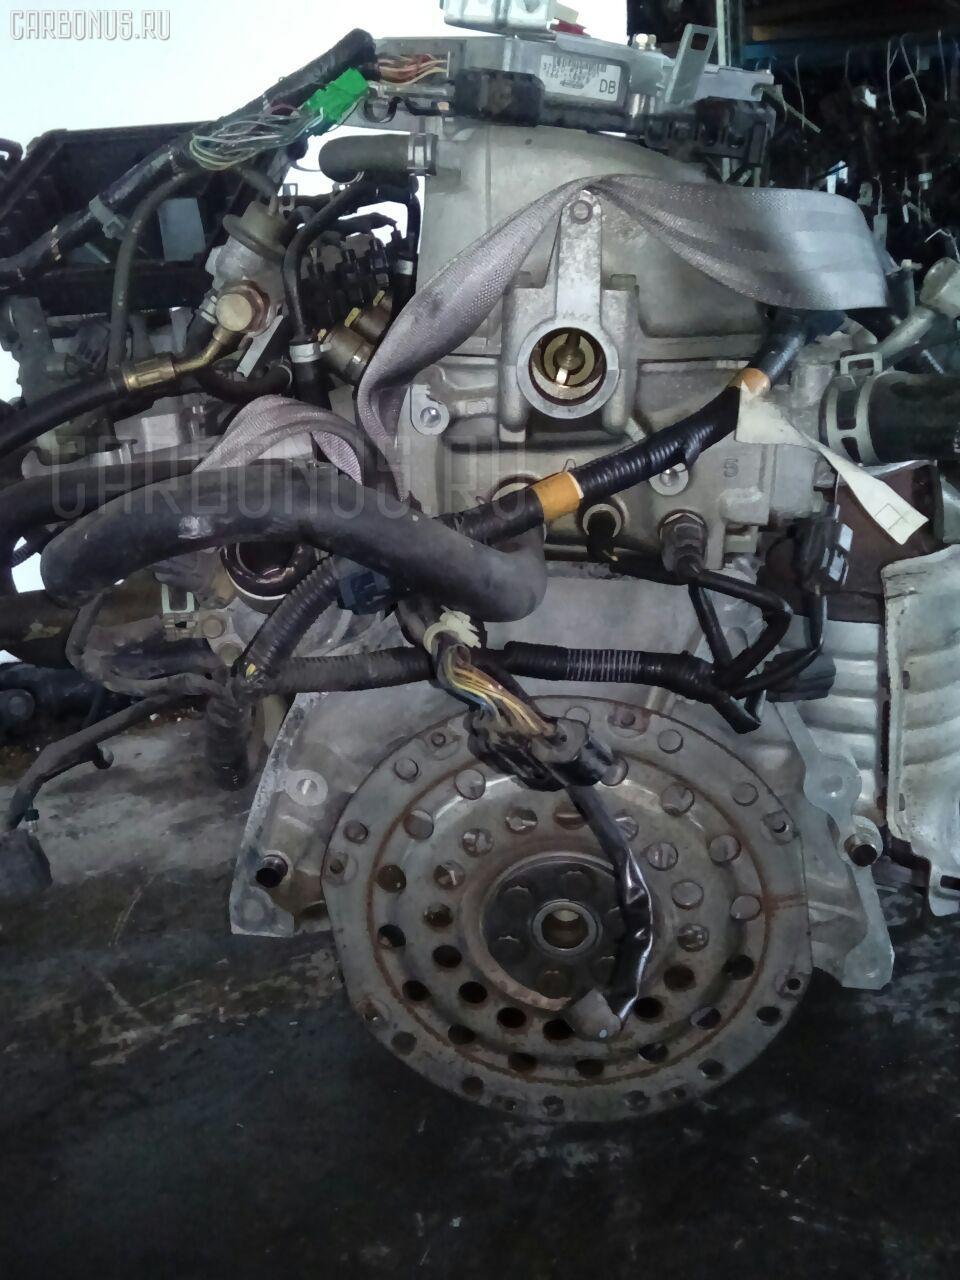 Двигатель HONDA CIVIC EK2 D13B Фото 5